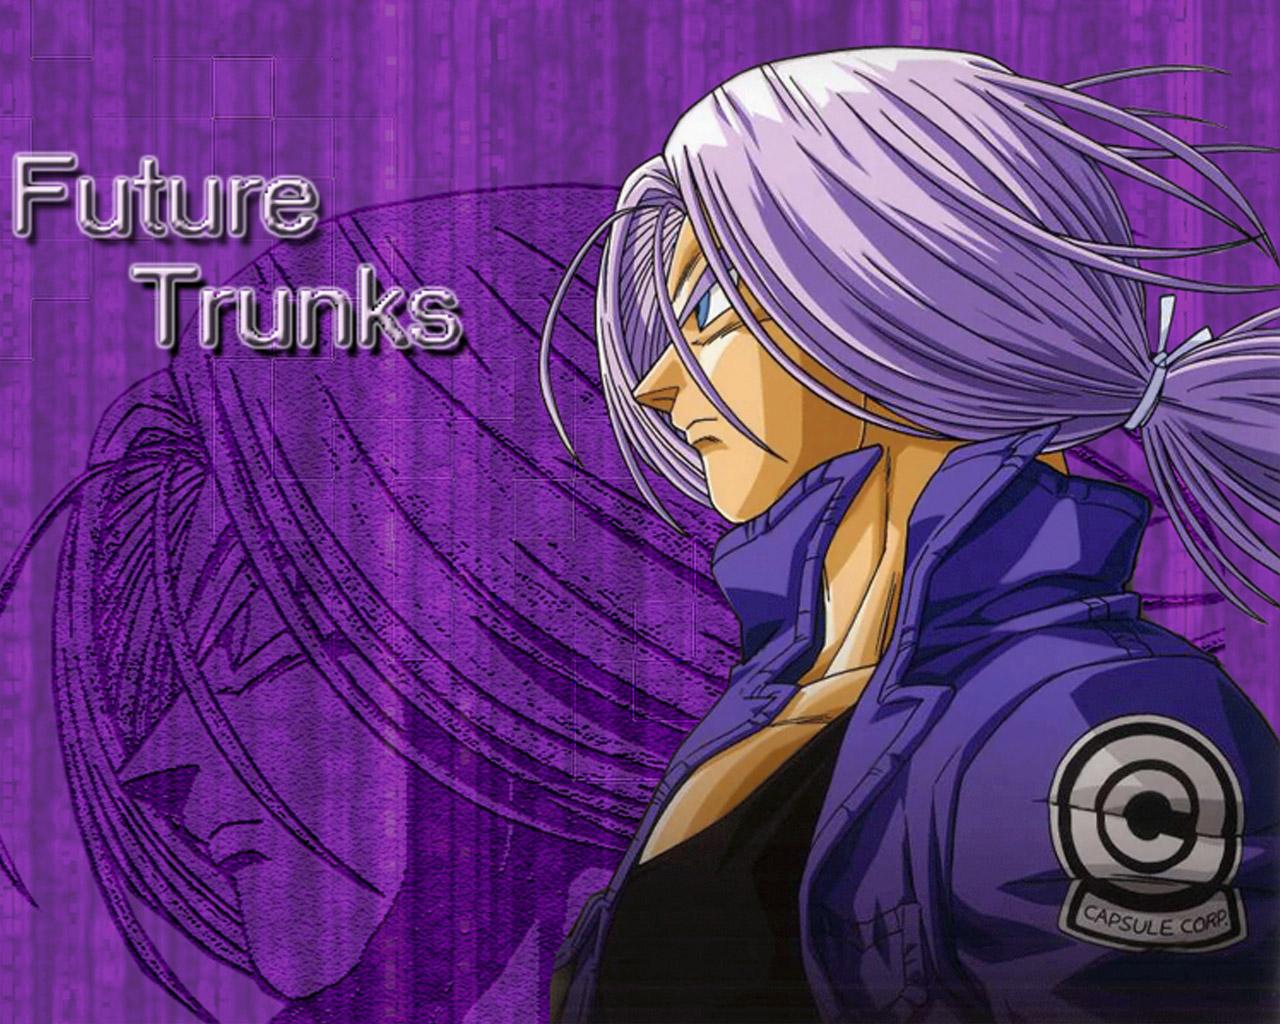 7 viên ngoc rồng các phần Future-trunks